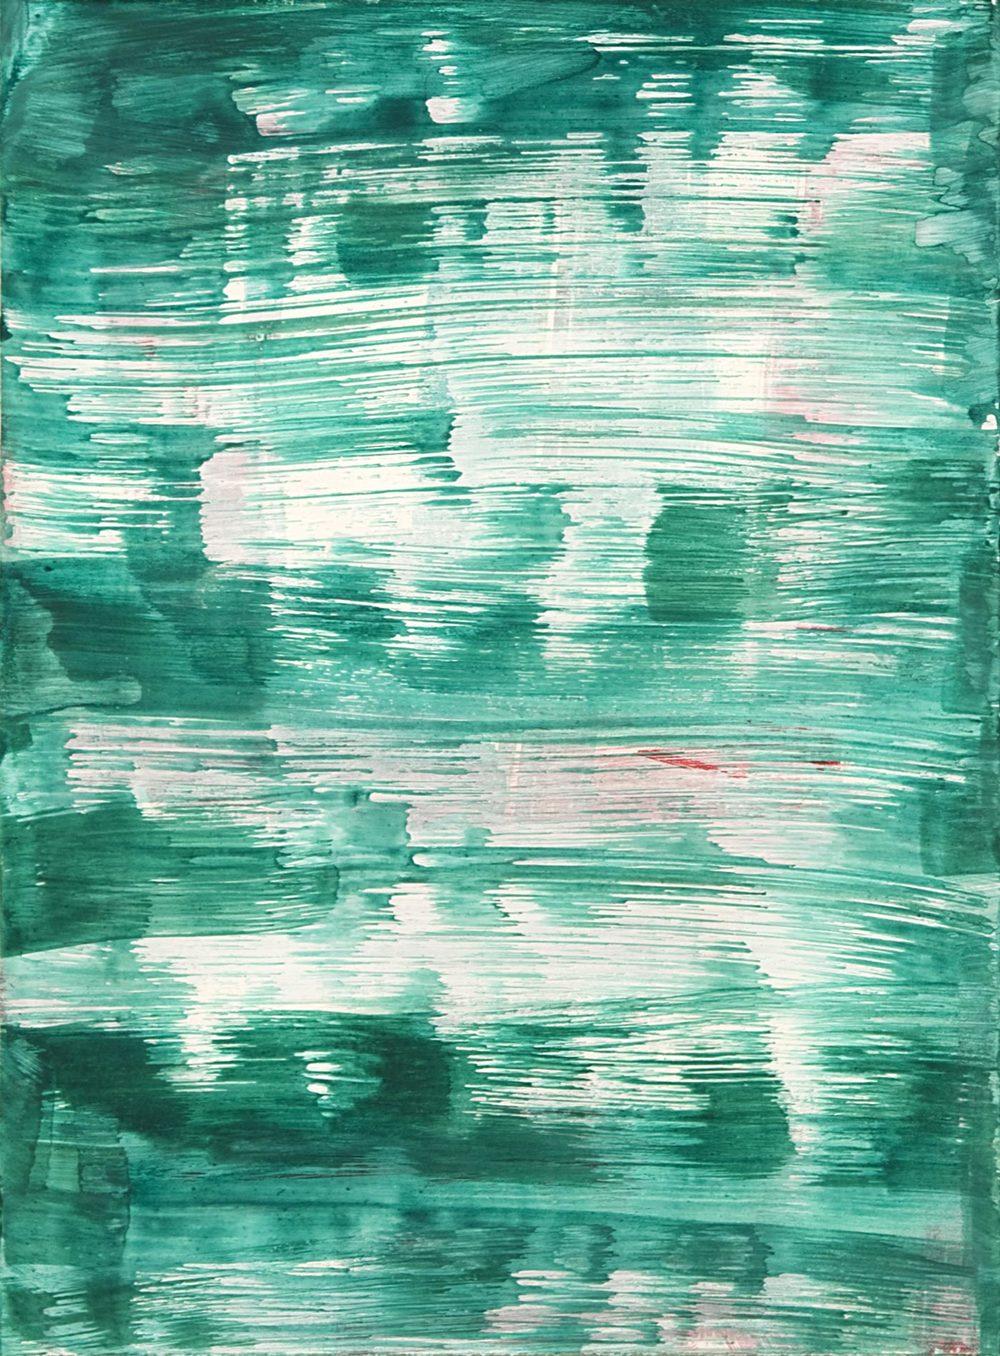 Schist 5 , 2011 casein on paper 15 x 11 in.